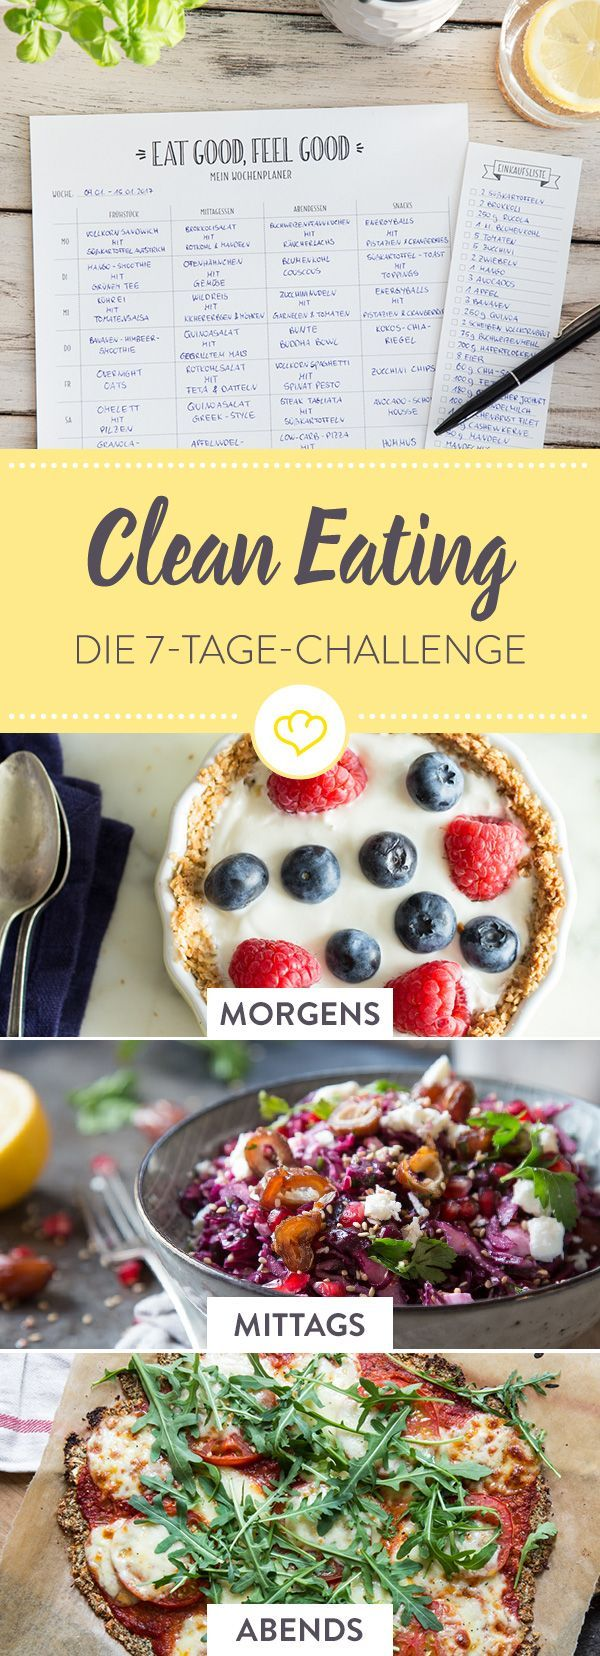 Du möchtest dich gesünder ernähren? Ohne Fast Food, Zucker und künstliche Zusätze? Mit diesem alltagstauglichen 7-Tage Clean Eating Plan packst du es!